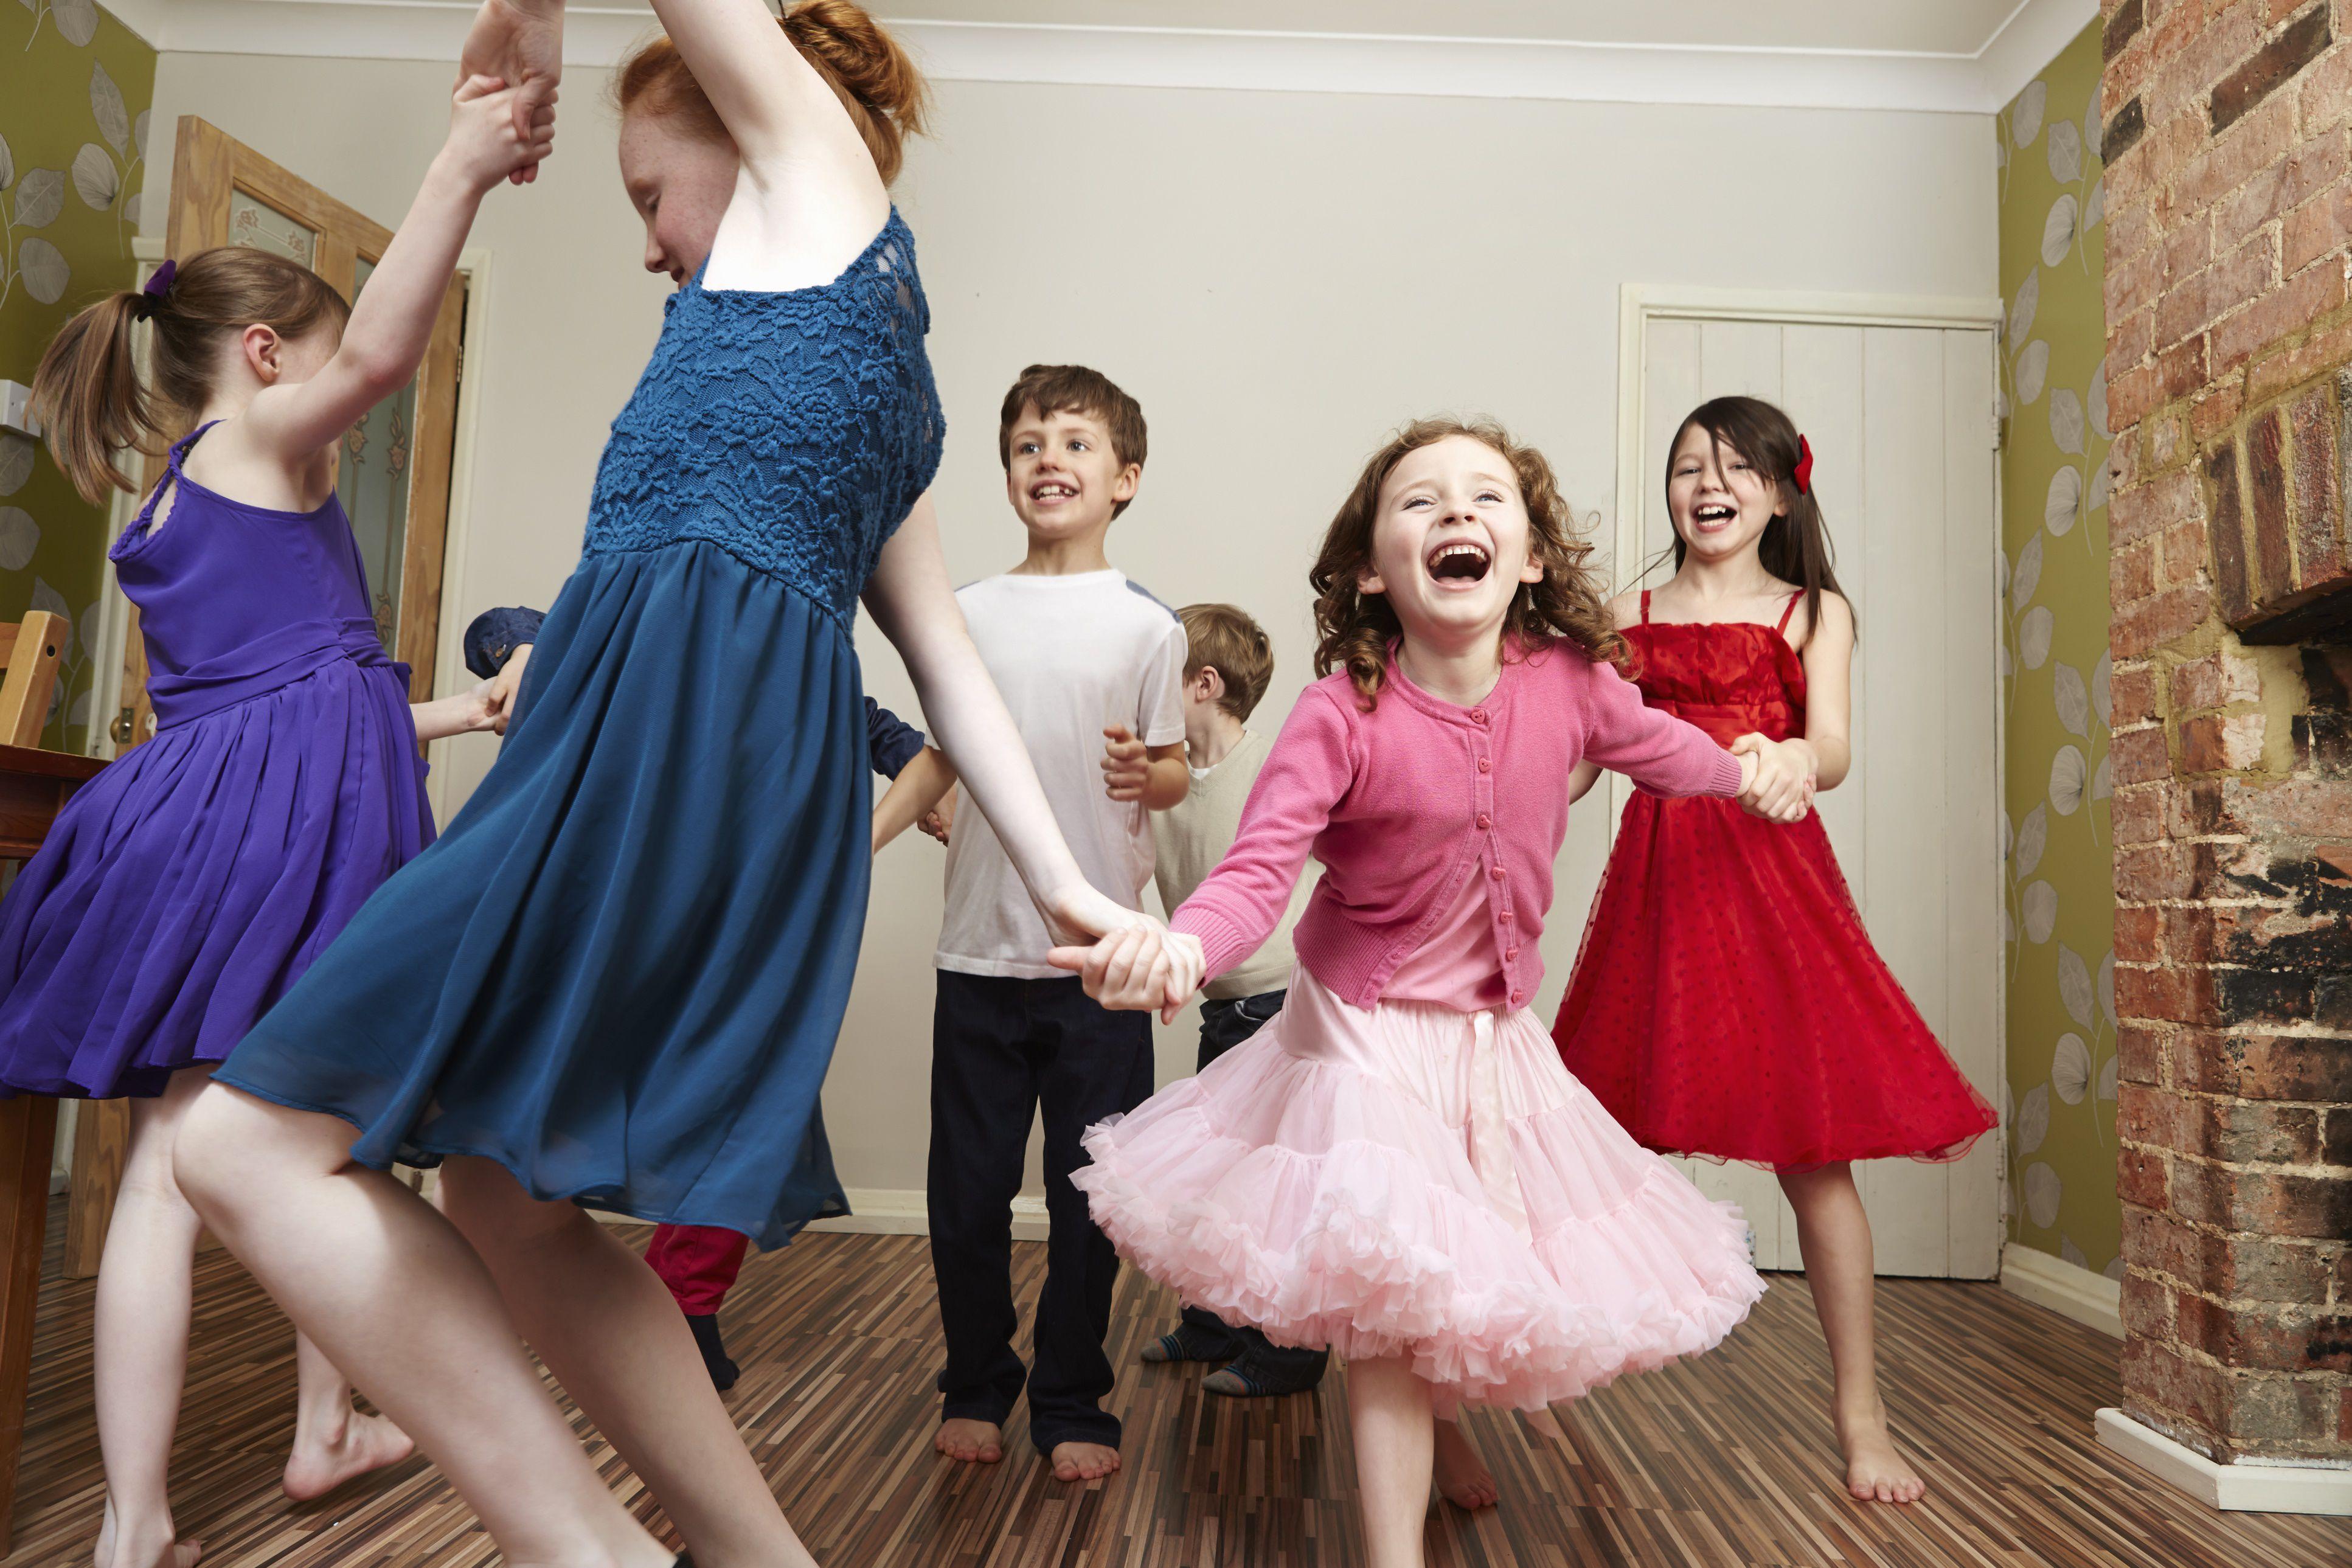 kids' party games - children dancing